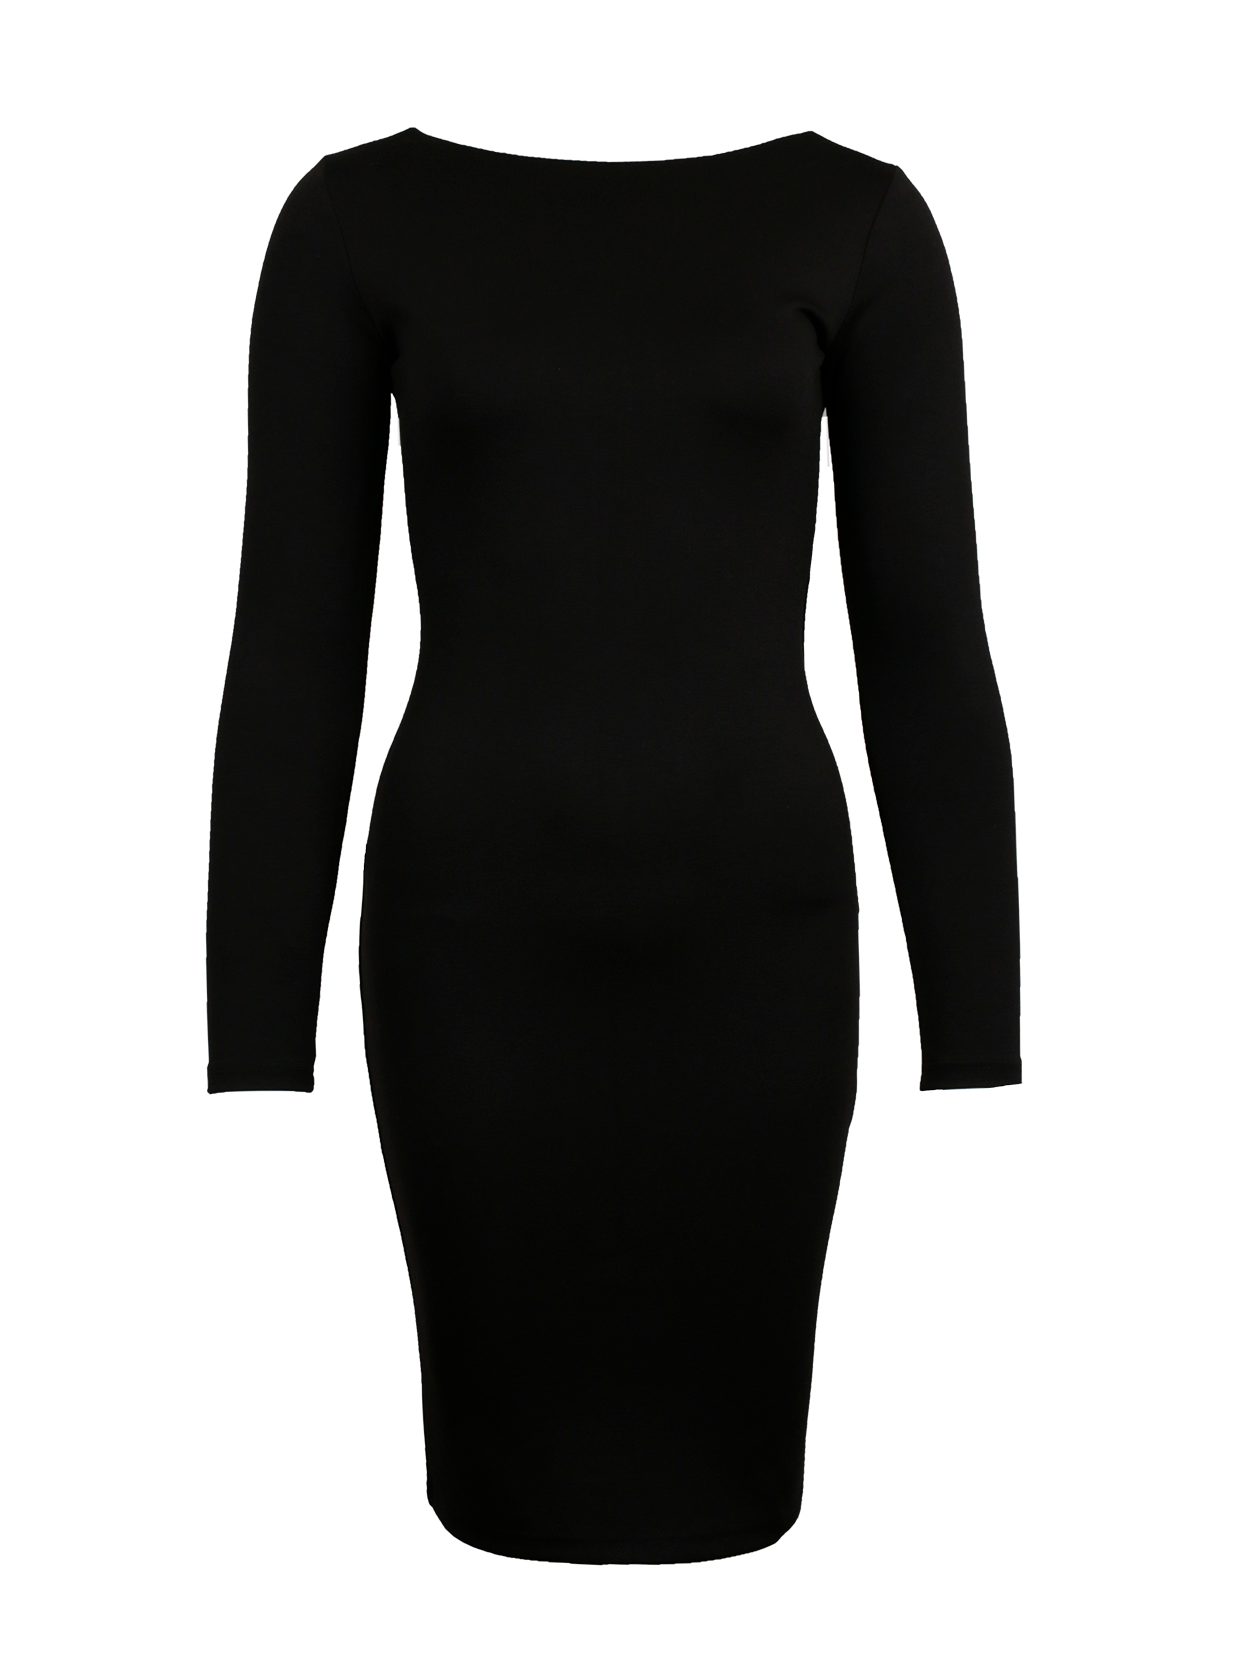 Платье женское ROYALTY GOLDПлатье женское Royalty Gold – стильный и практичный вариант на каждый день. Модель прямого кроя с облегающим силуэтом до колена и длинным рукавом. Лаконичная черная расцветка позволит сочетать эту вещь с другой одеждой и обувью. Интересная фишка платья – стильная застежка-молния по центру спины, доходящая почти до низа. Горловина оформлена в форме лодочки, переходящей на спинке в вырез. Изделие выполнено из высококачественного материала на натуральной основе.&amp;nbsp;<br><br>Размер: XS<br>Цвет: Черный<br>Пол: Женский